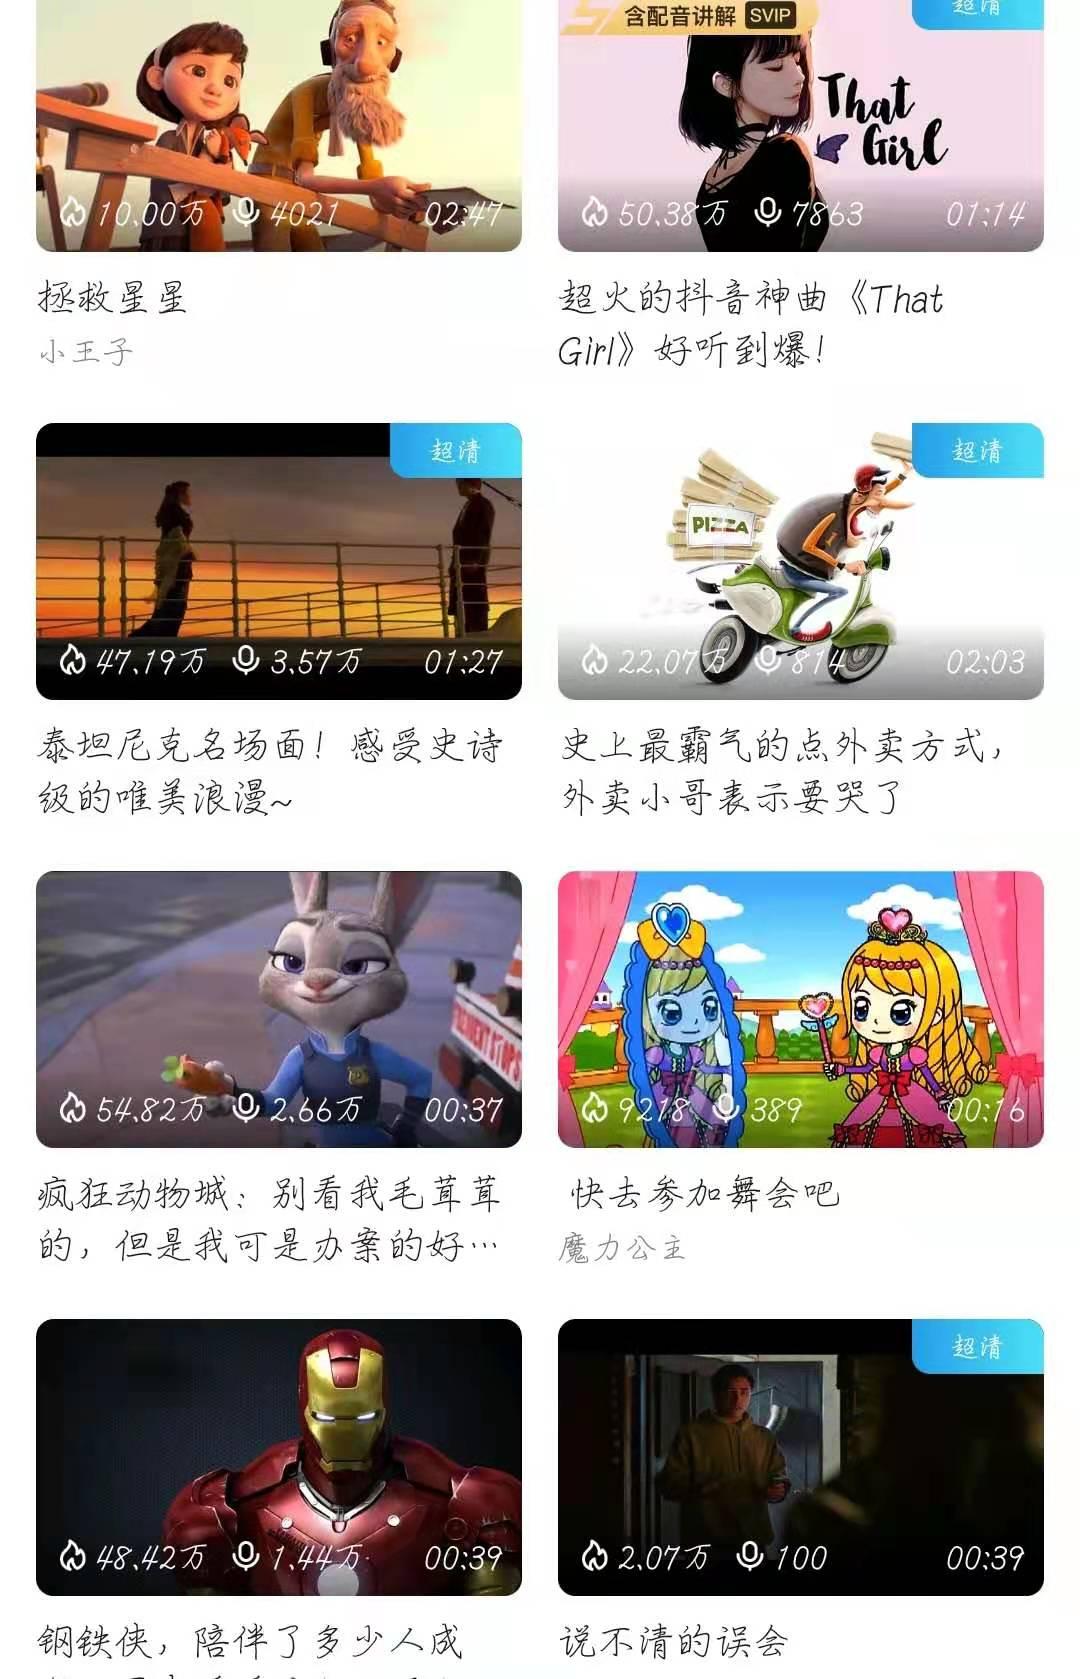 英文配音软件app,英语趣配音下载官网